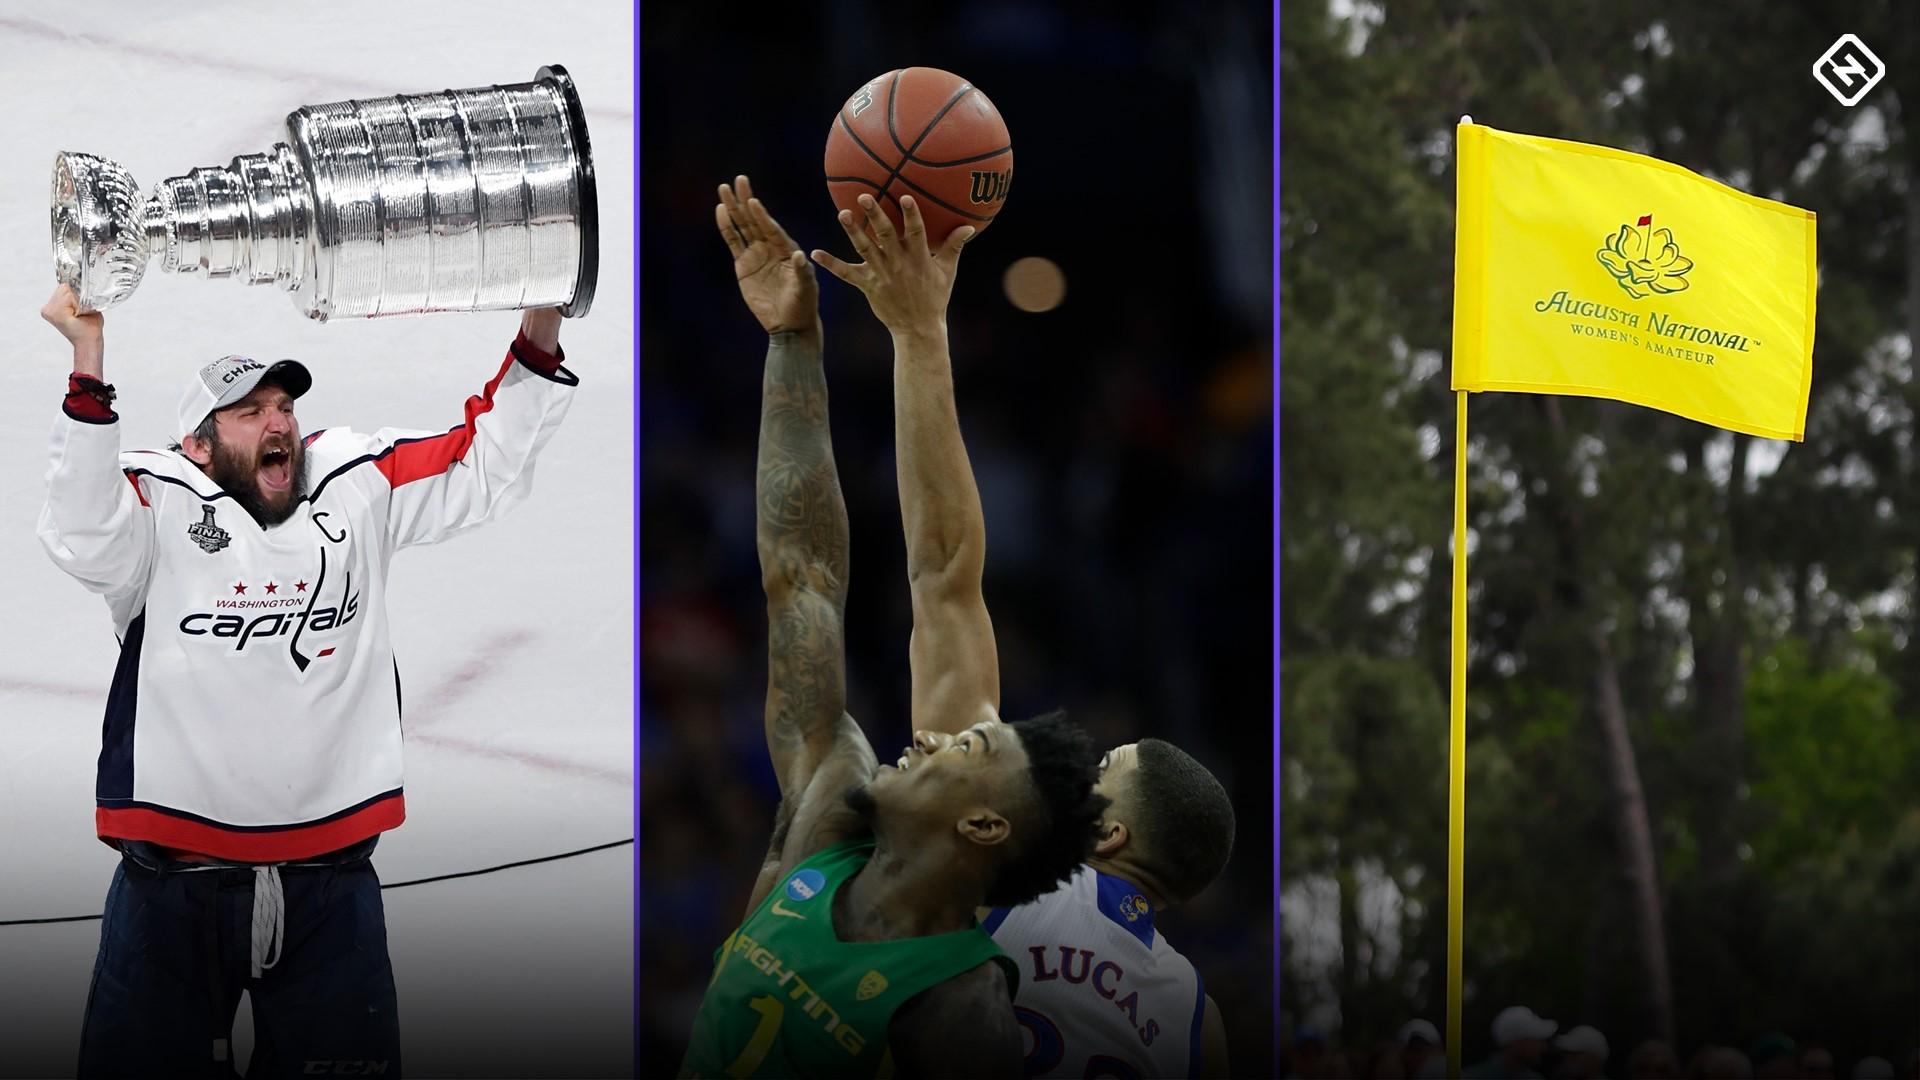 Soporte deportivo cancelado: vote por el evento deportivo que más extrañará esta primavera 1